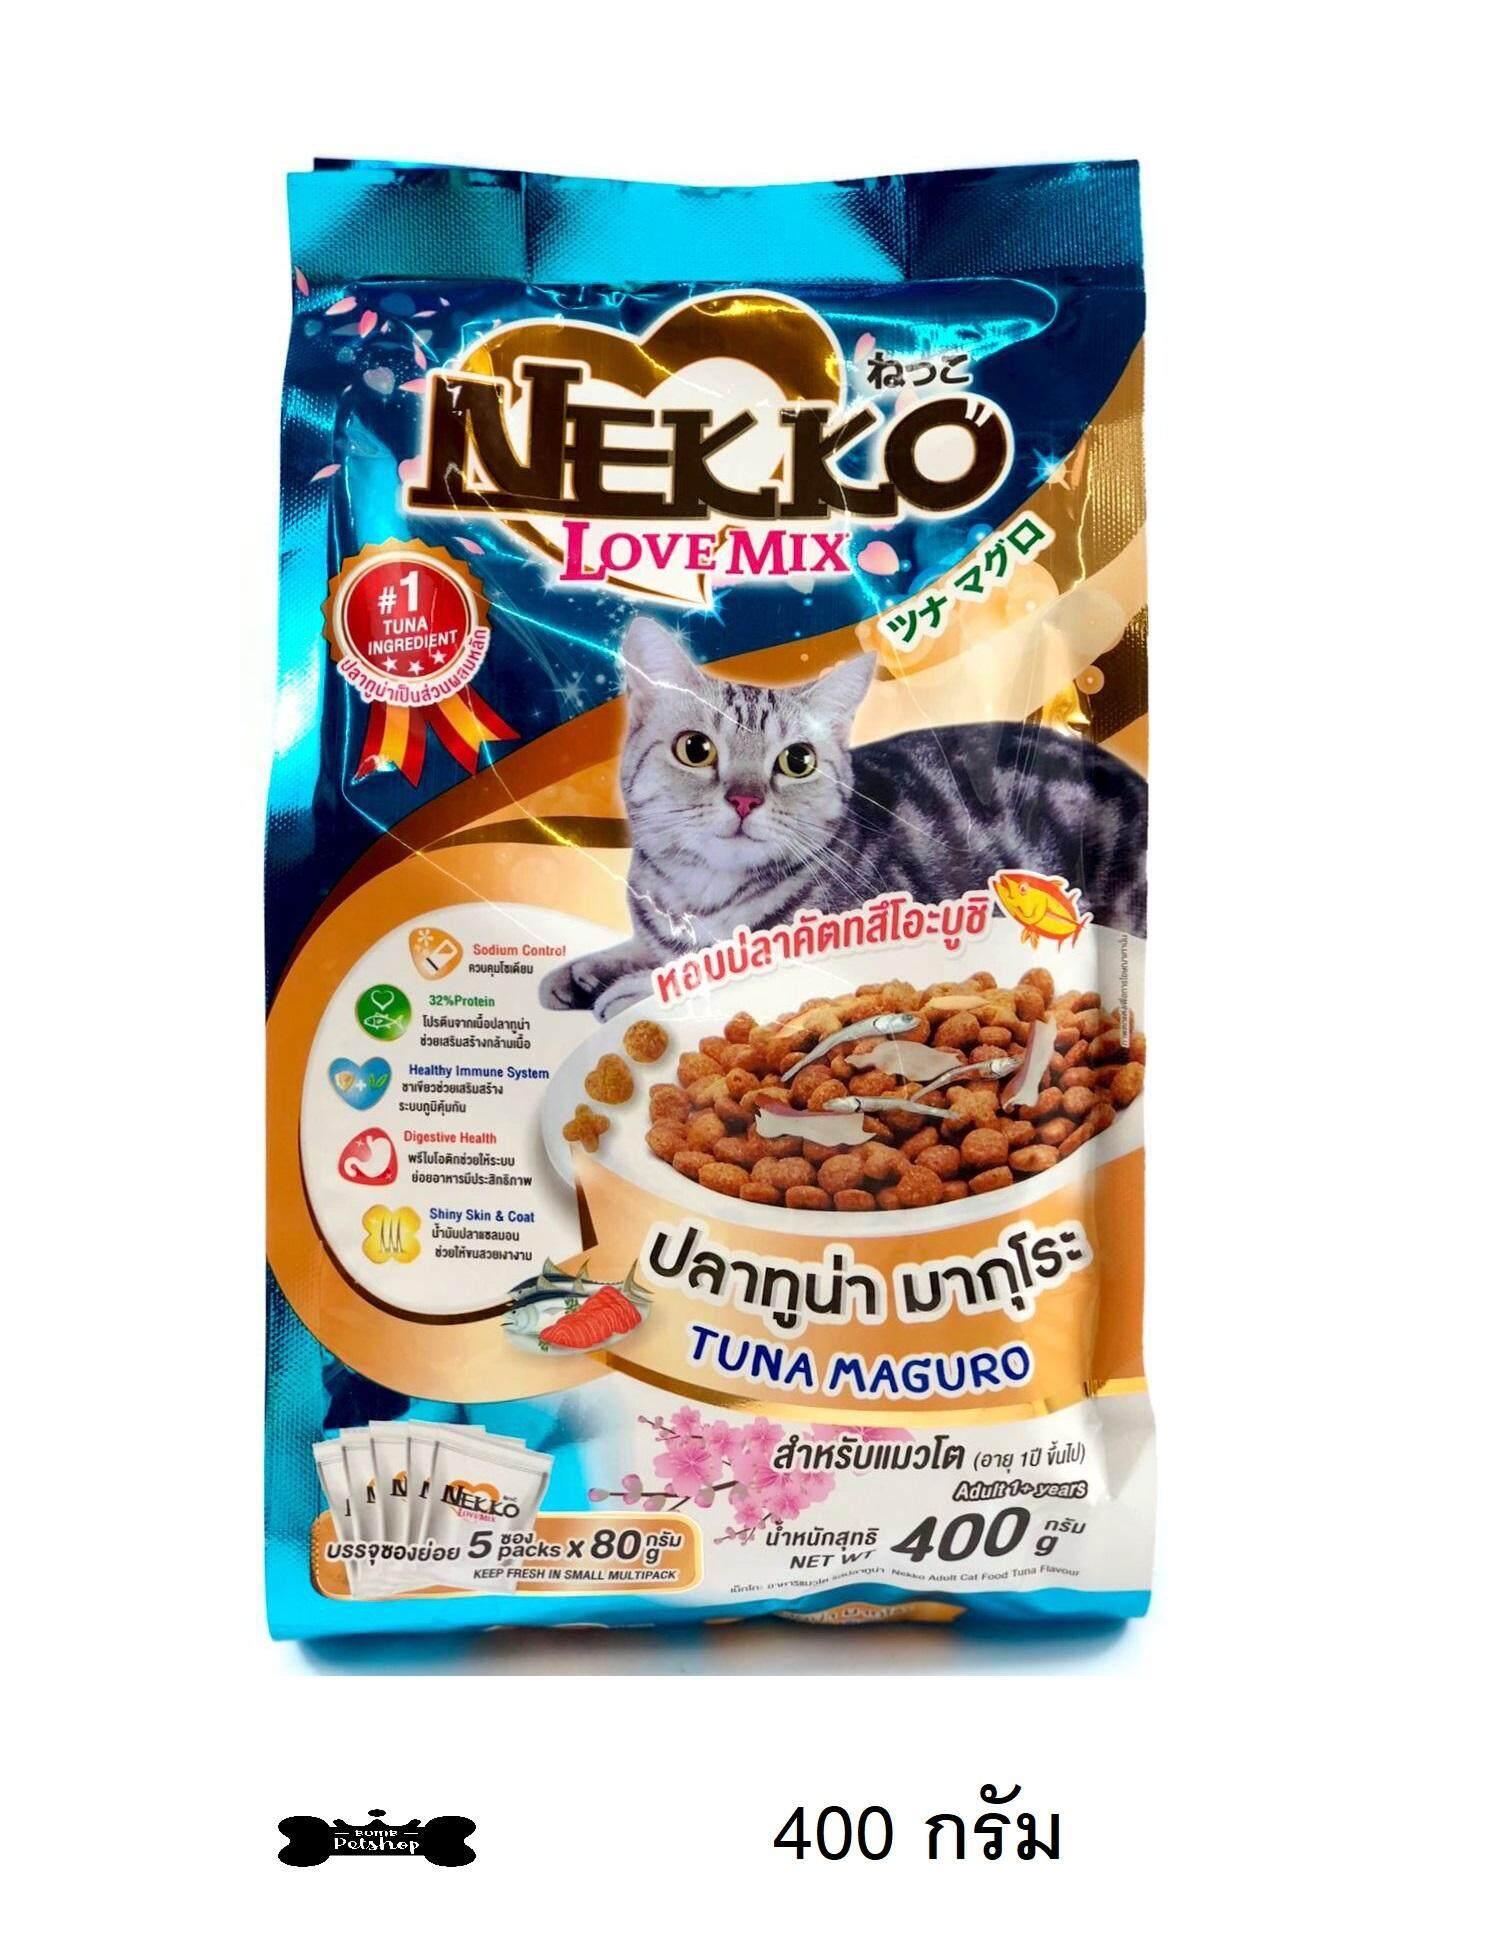 Nekko Cat Food 400g อาหารแมว เม็ด ปลาทูน่า มากุโร่ 400 กรัม By Bomb Petshop.